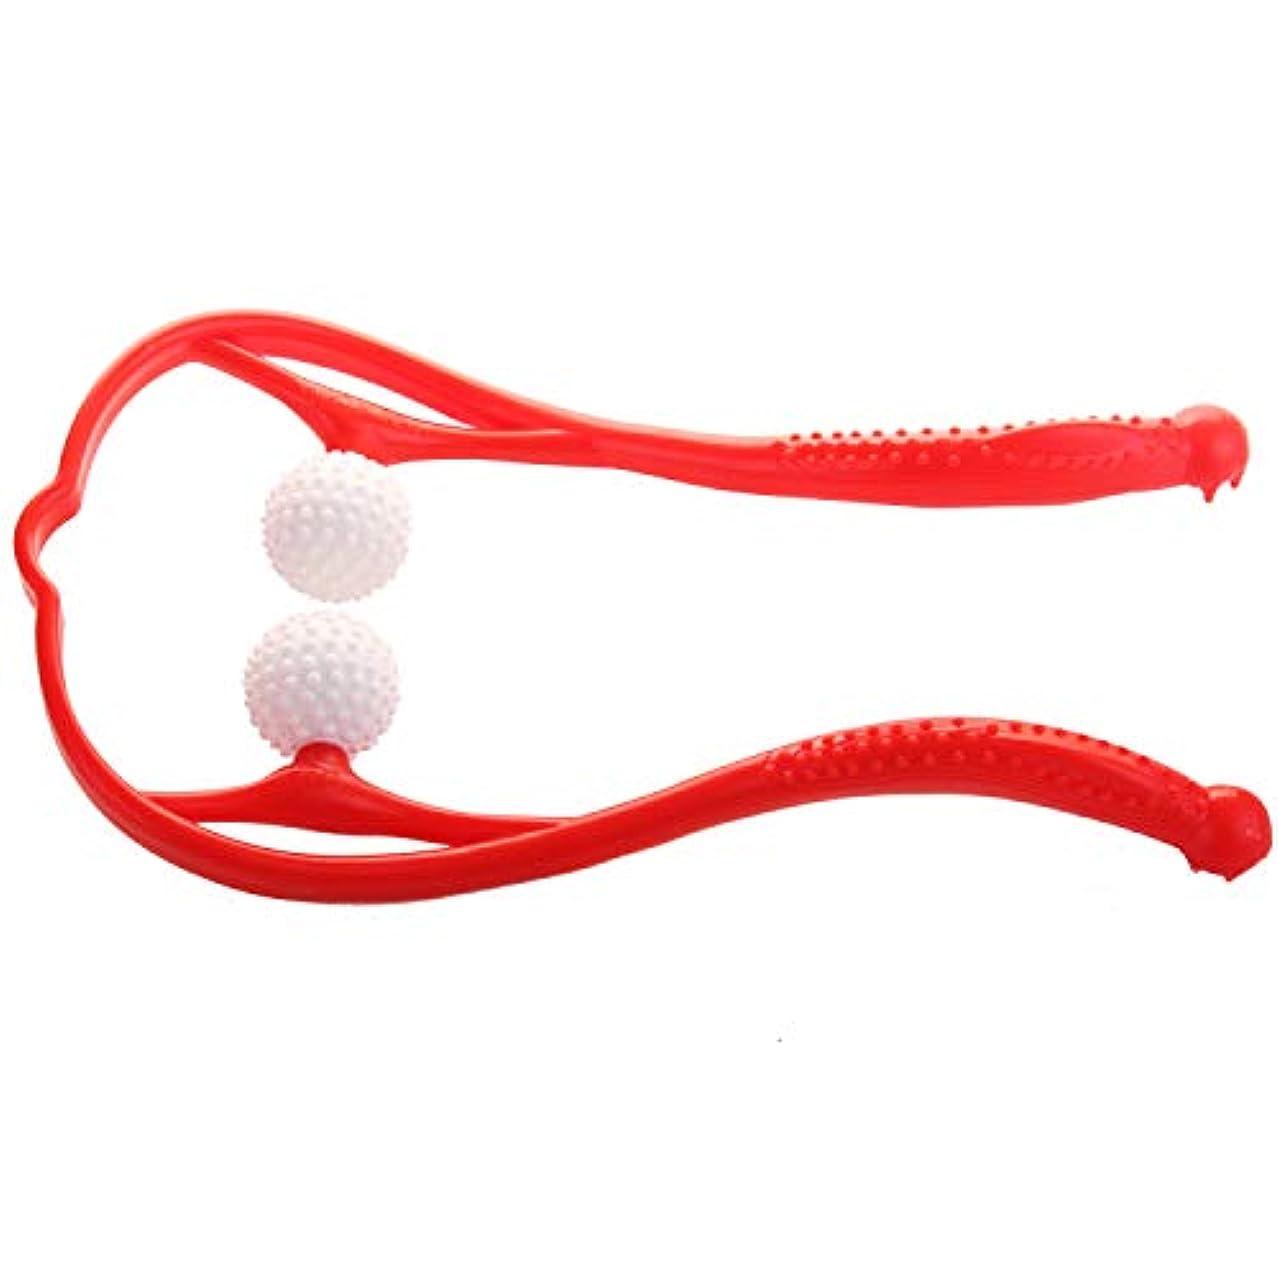 JOUDOO 肩マッサージャー 血行促進 脊椎マッサージ U型マッサージ器 首 足 腰 高弾力性繊維ストレス解消 リラックス 凝り用 簡易マッサージローラー JZA002 (赤)